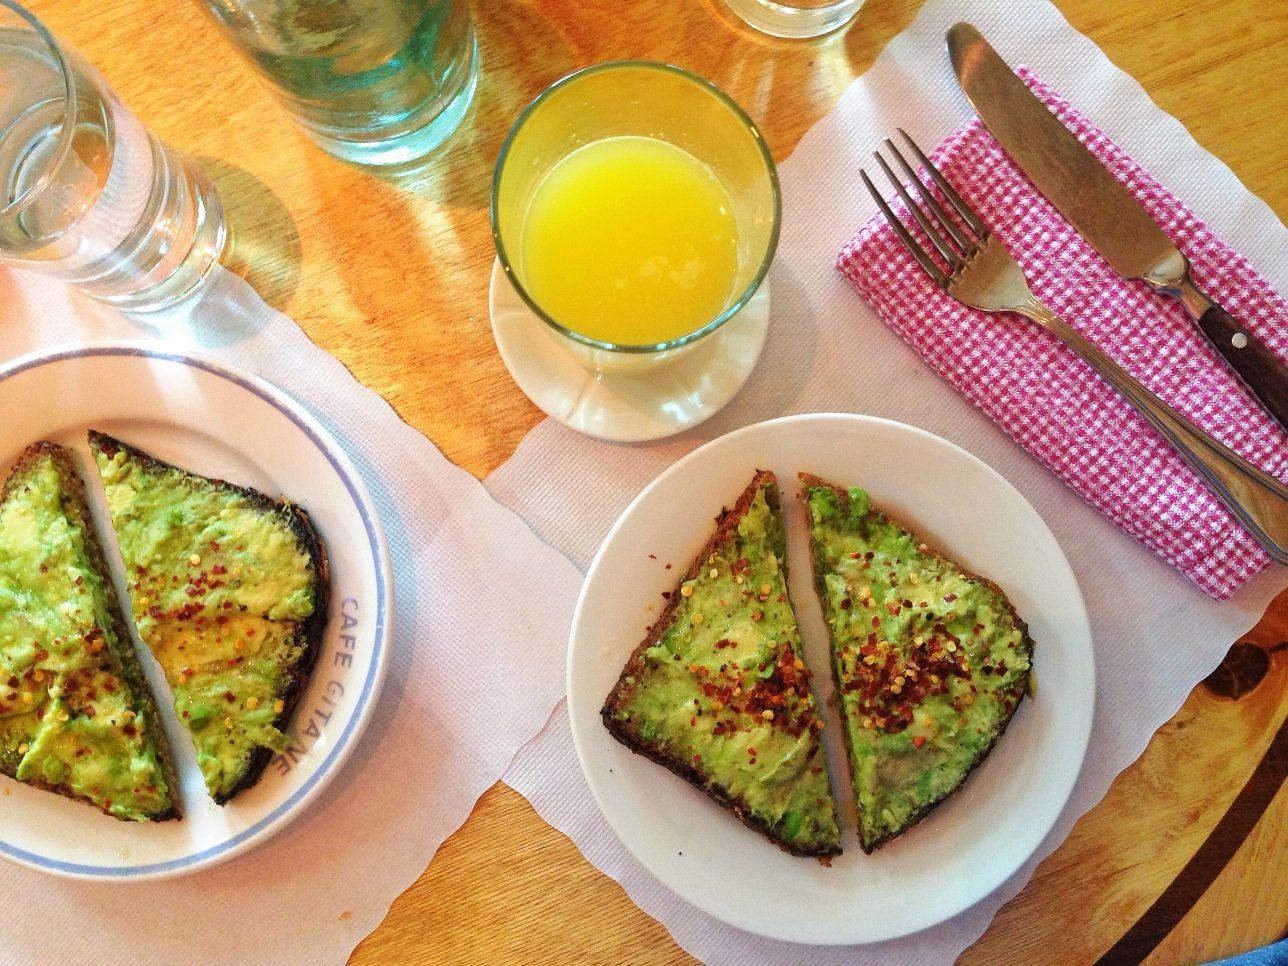 A Complete Made-for-Instagram Avocado Toast RecipeGuide